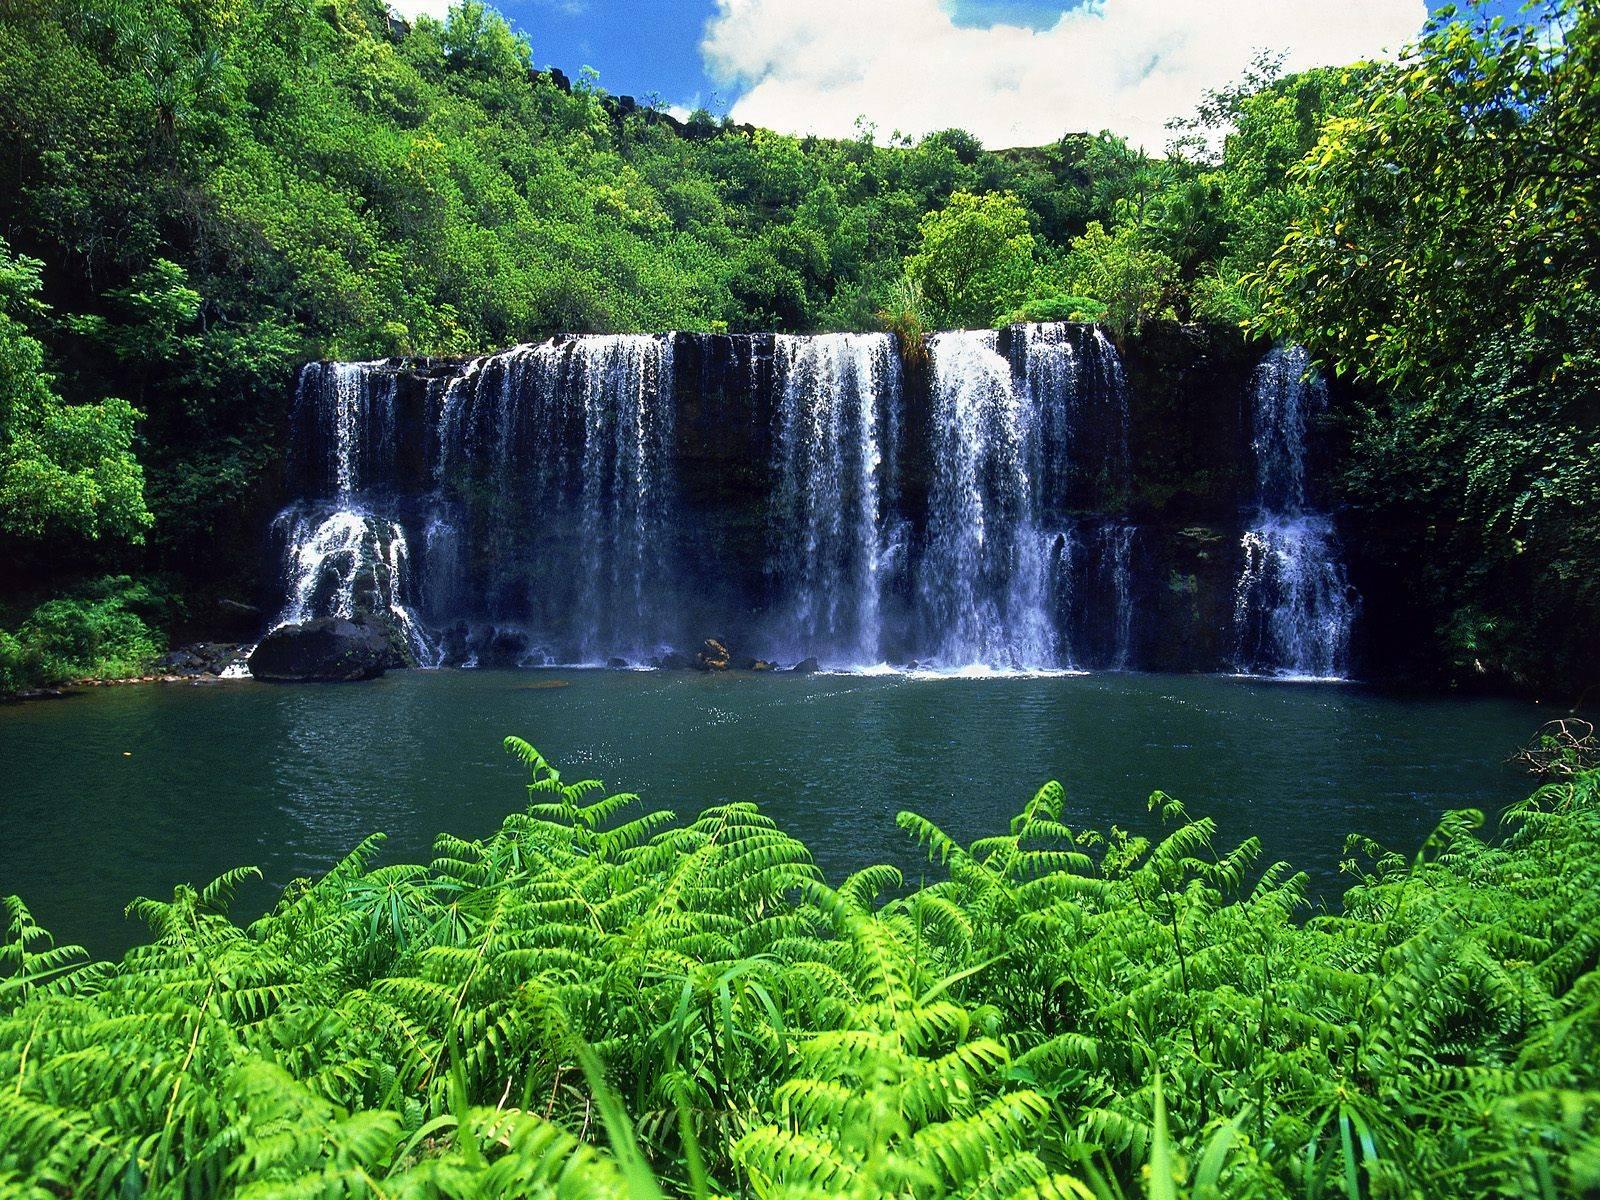 بالصور افضل 10 جزر سياحية في العالم 341 8